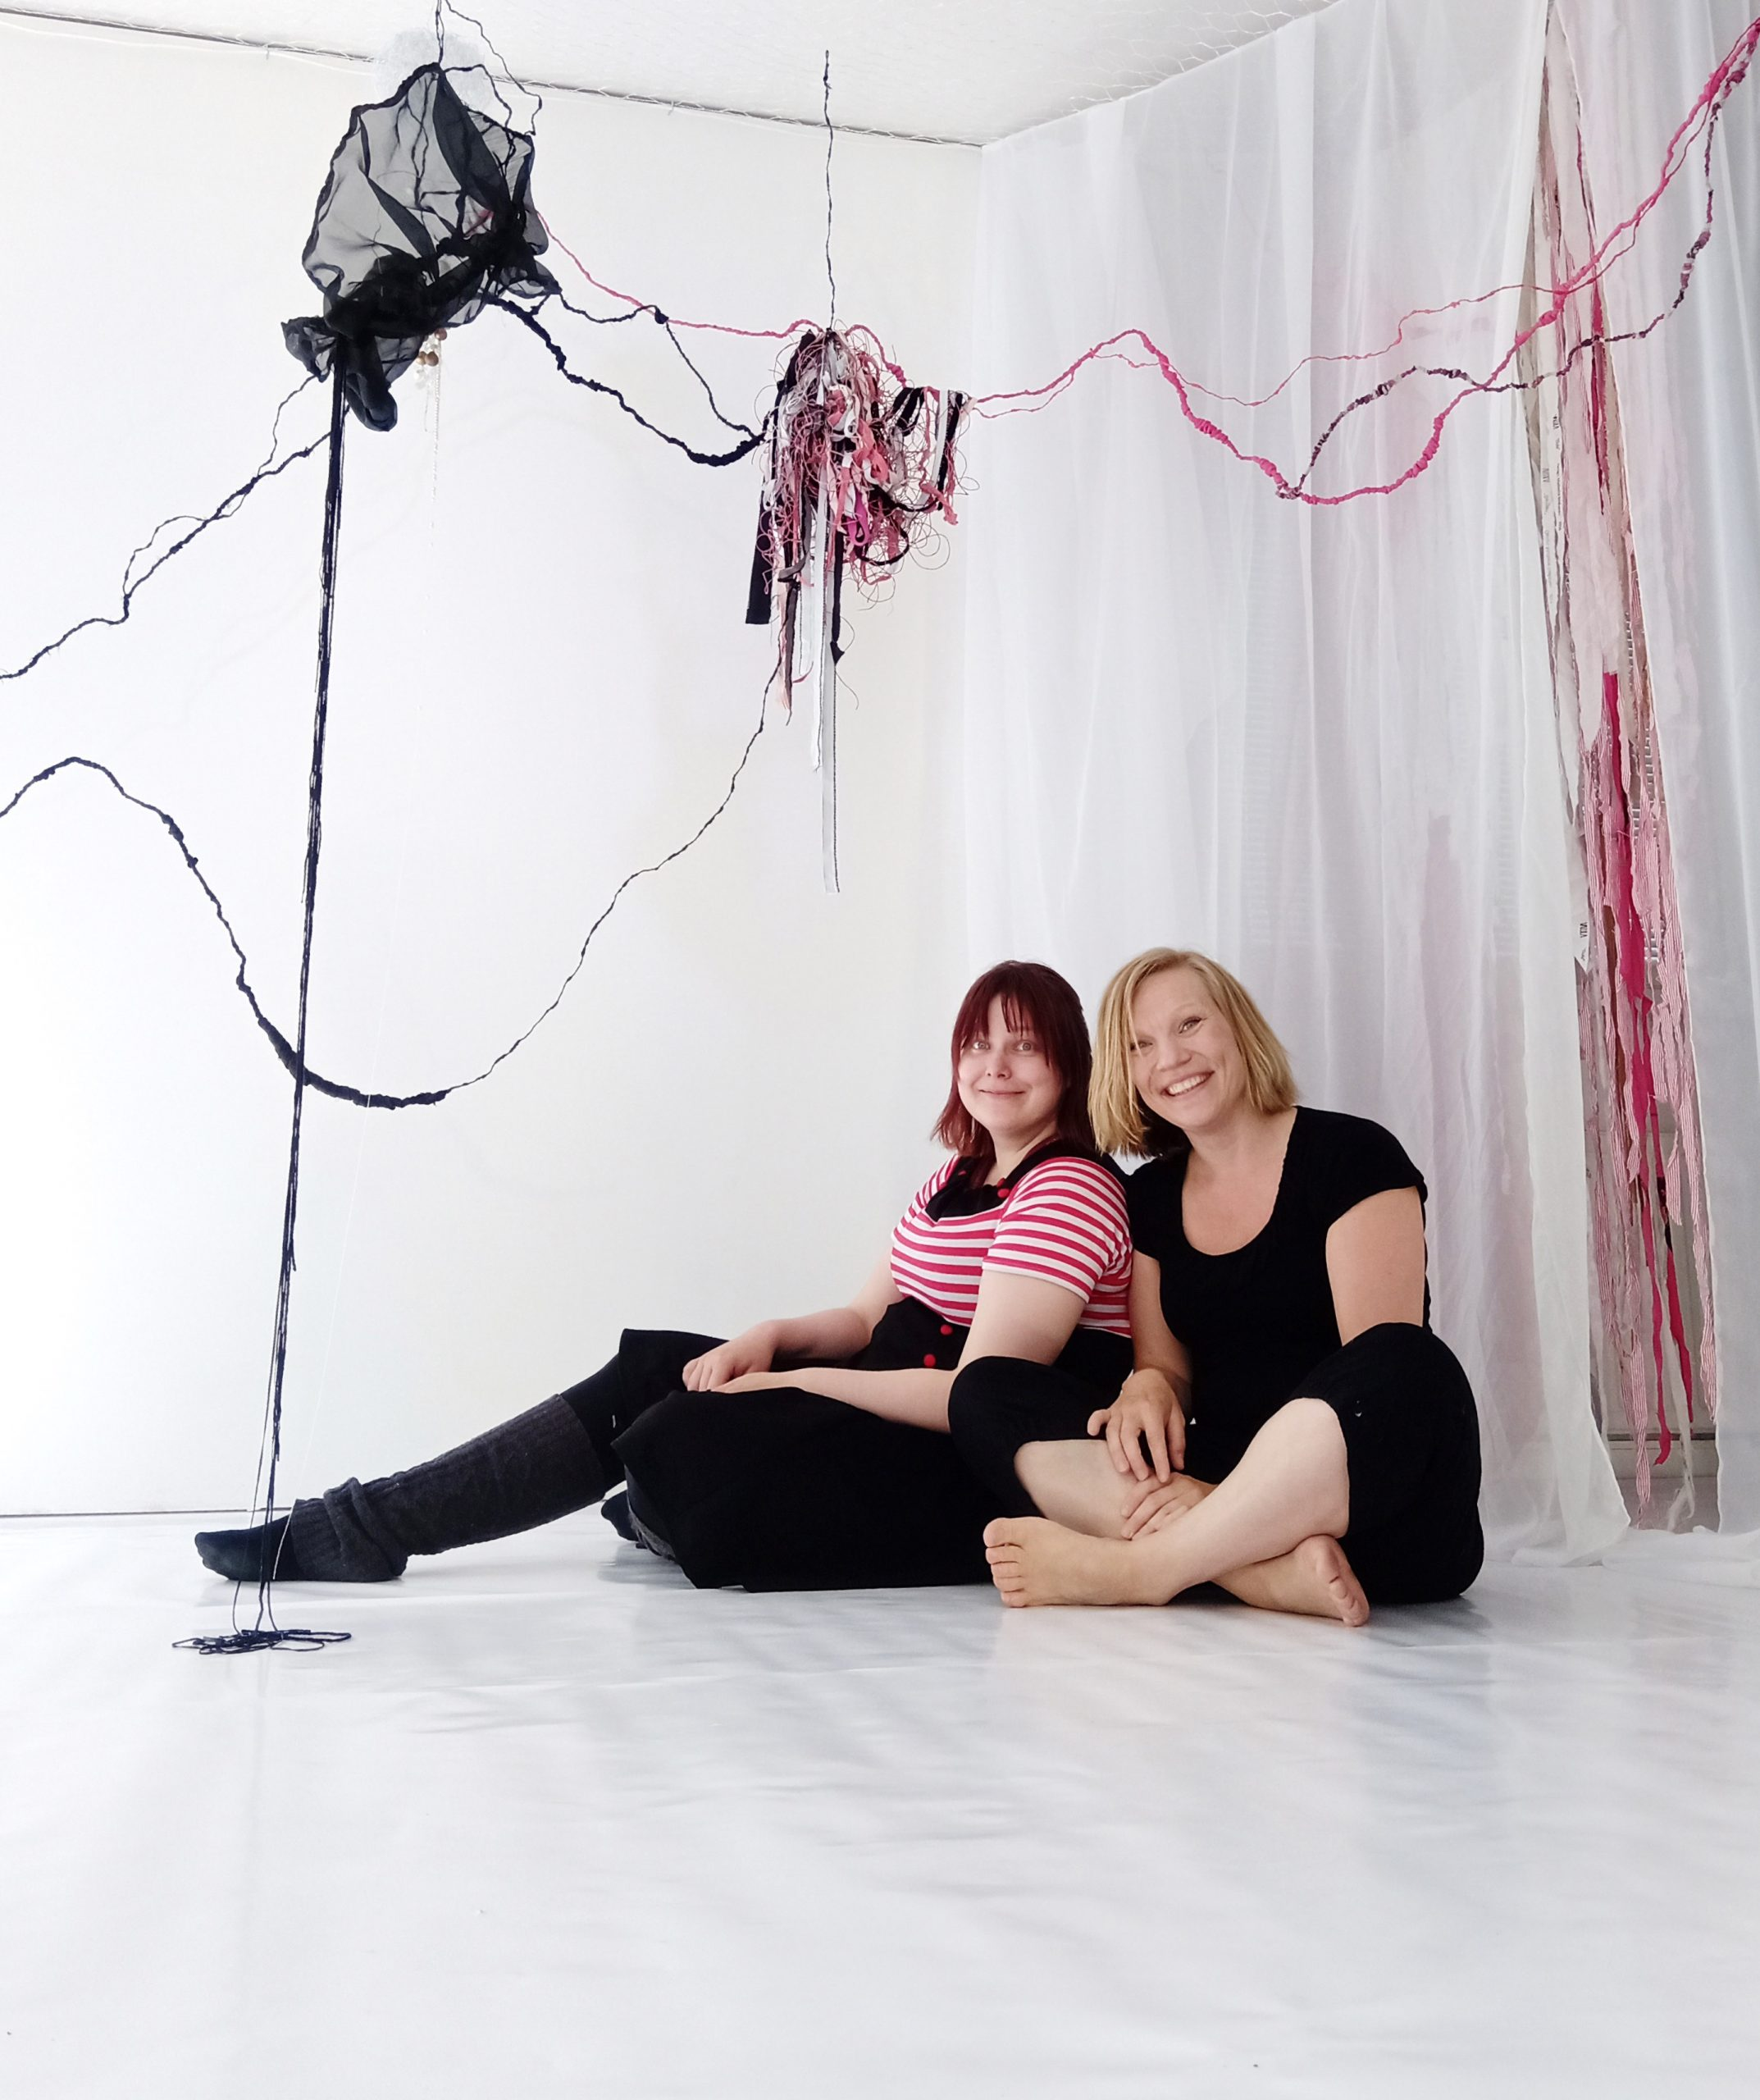 Kuvaaja: Maijariitta Karhulahti, kuvassa Karhulahti ja Anne Salmi